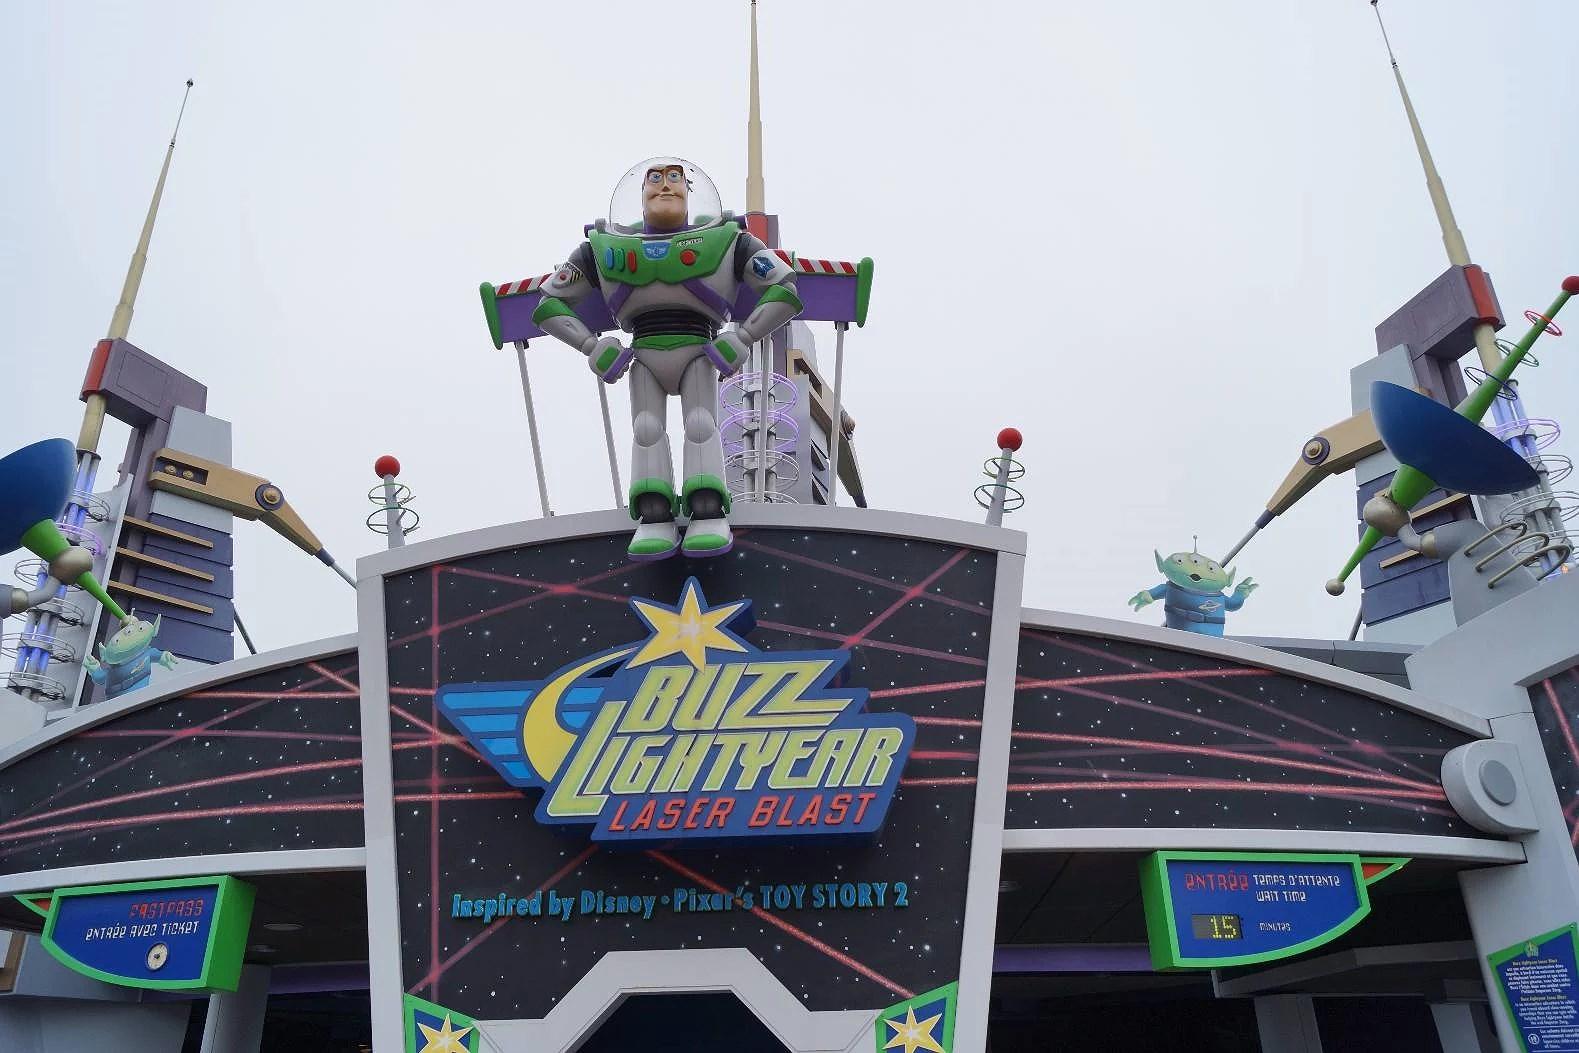 Attraktioner på Disneyland Paris: Buzz Lightyears Laser Blast